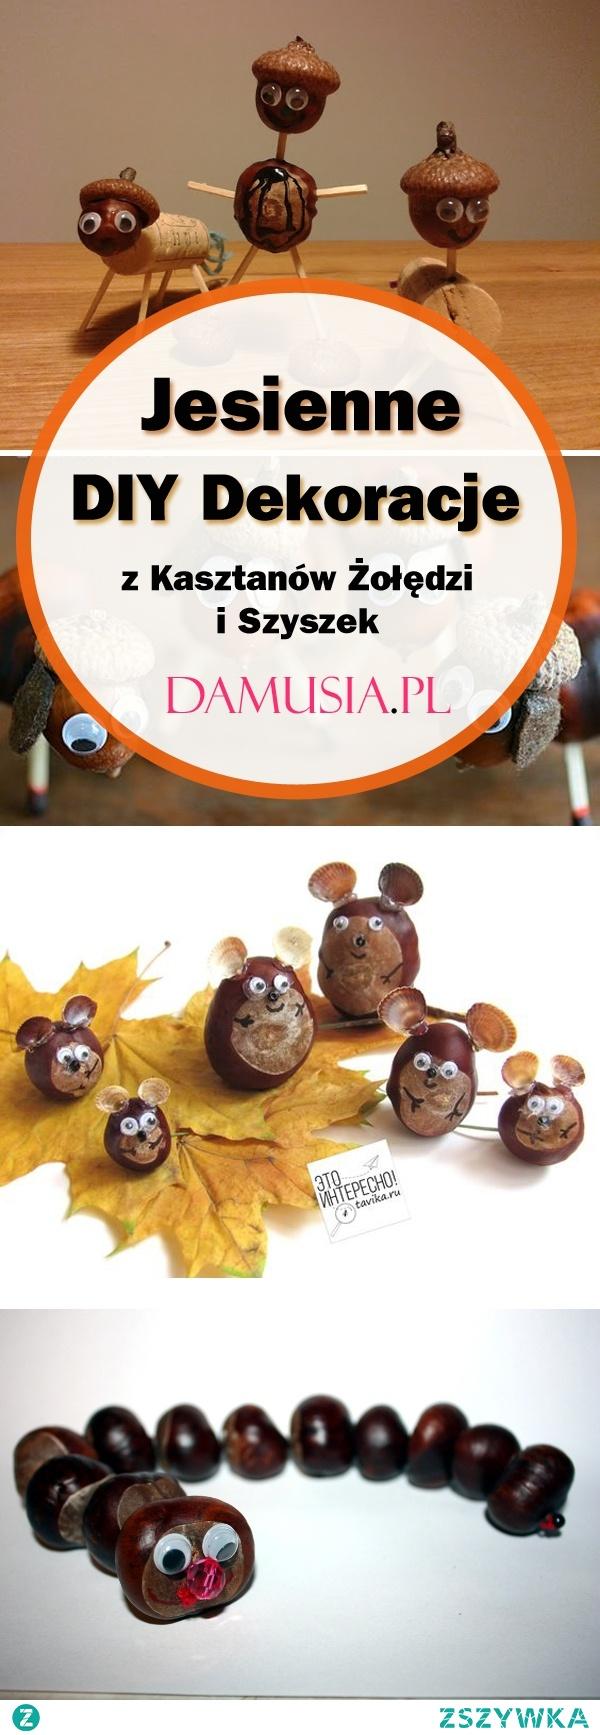 TOP 20 Inspiracji na Jesienne DIY Dekoracje z Kasztanów Żołędzi i Szyszek – Idealna Zabawa dla Dzieci!